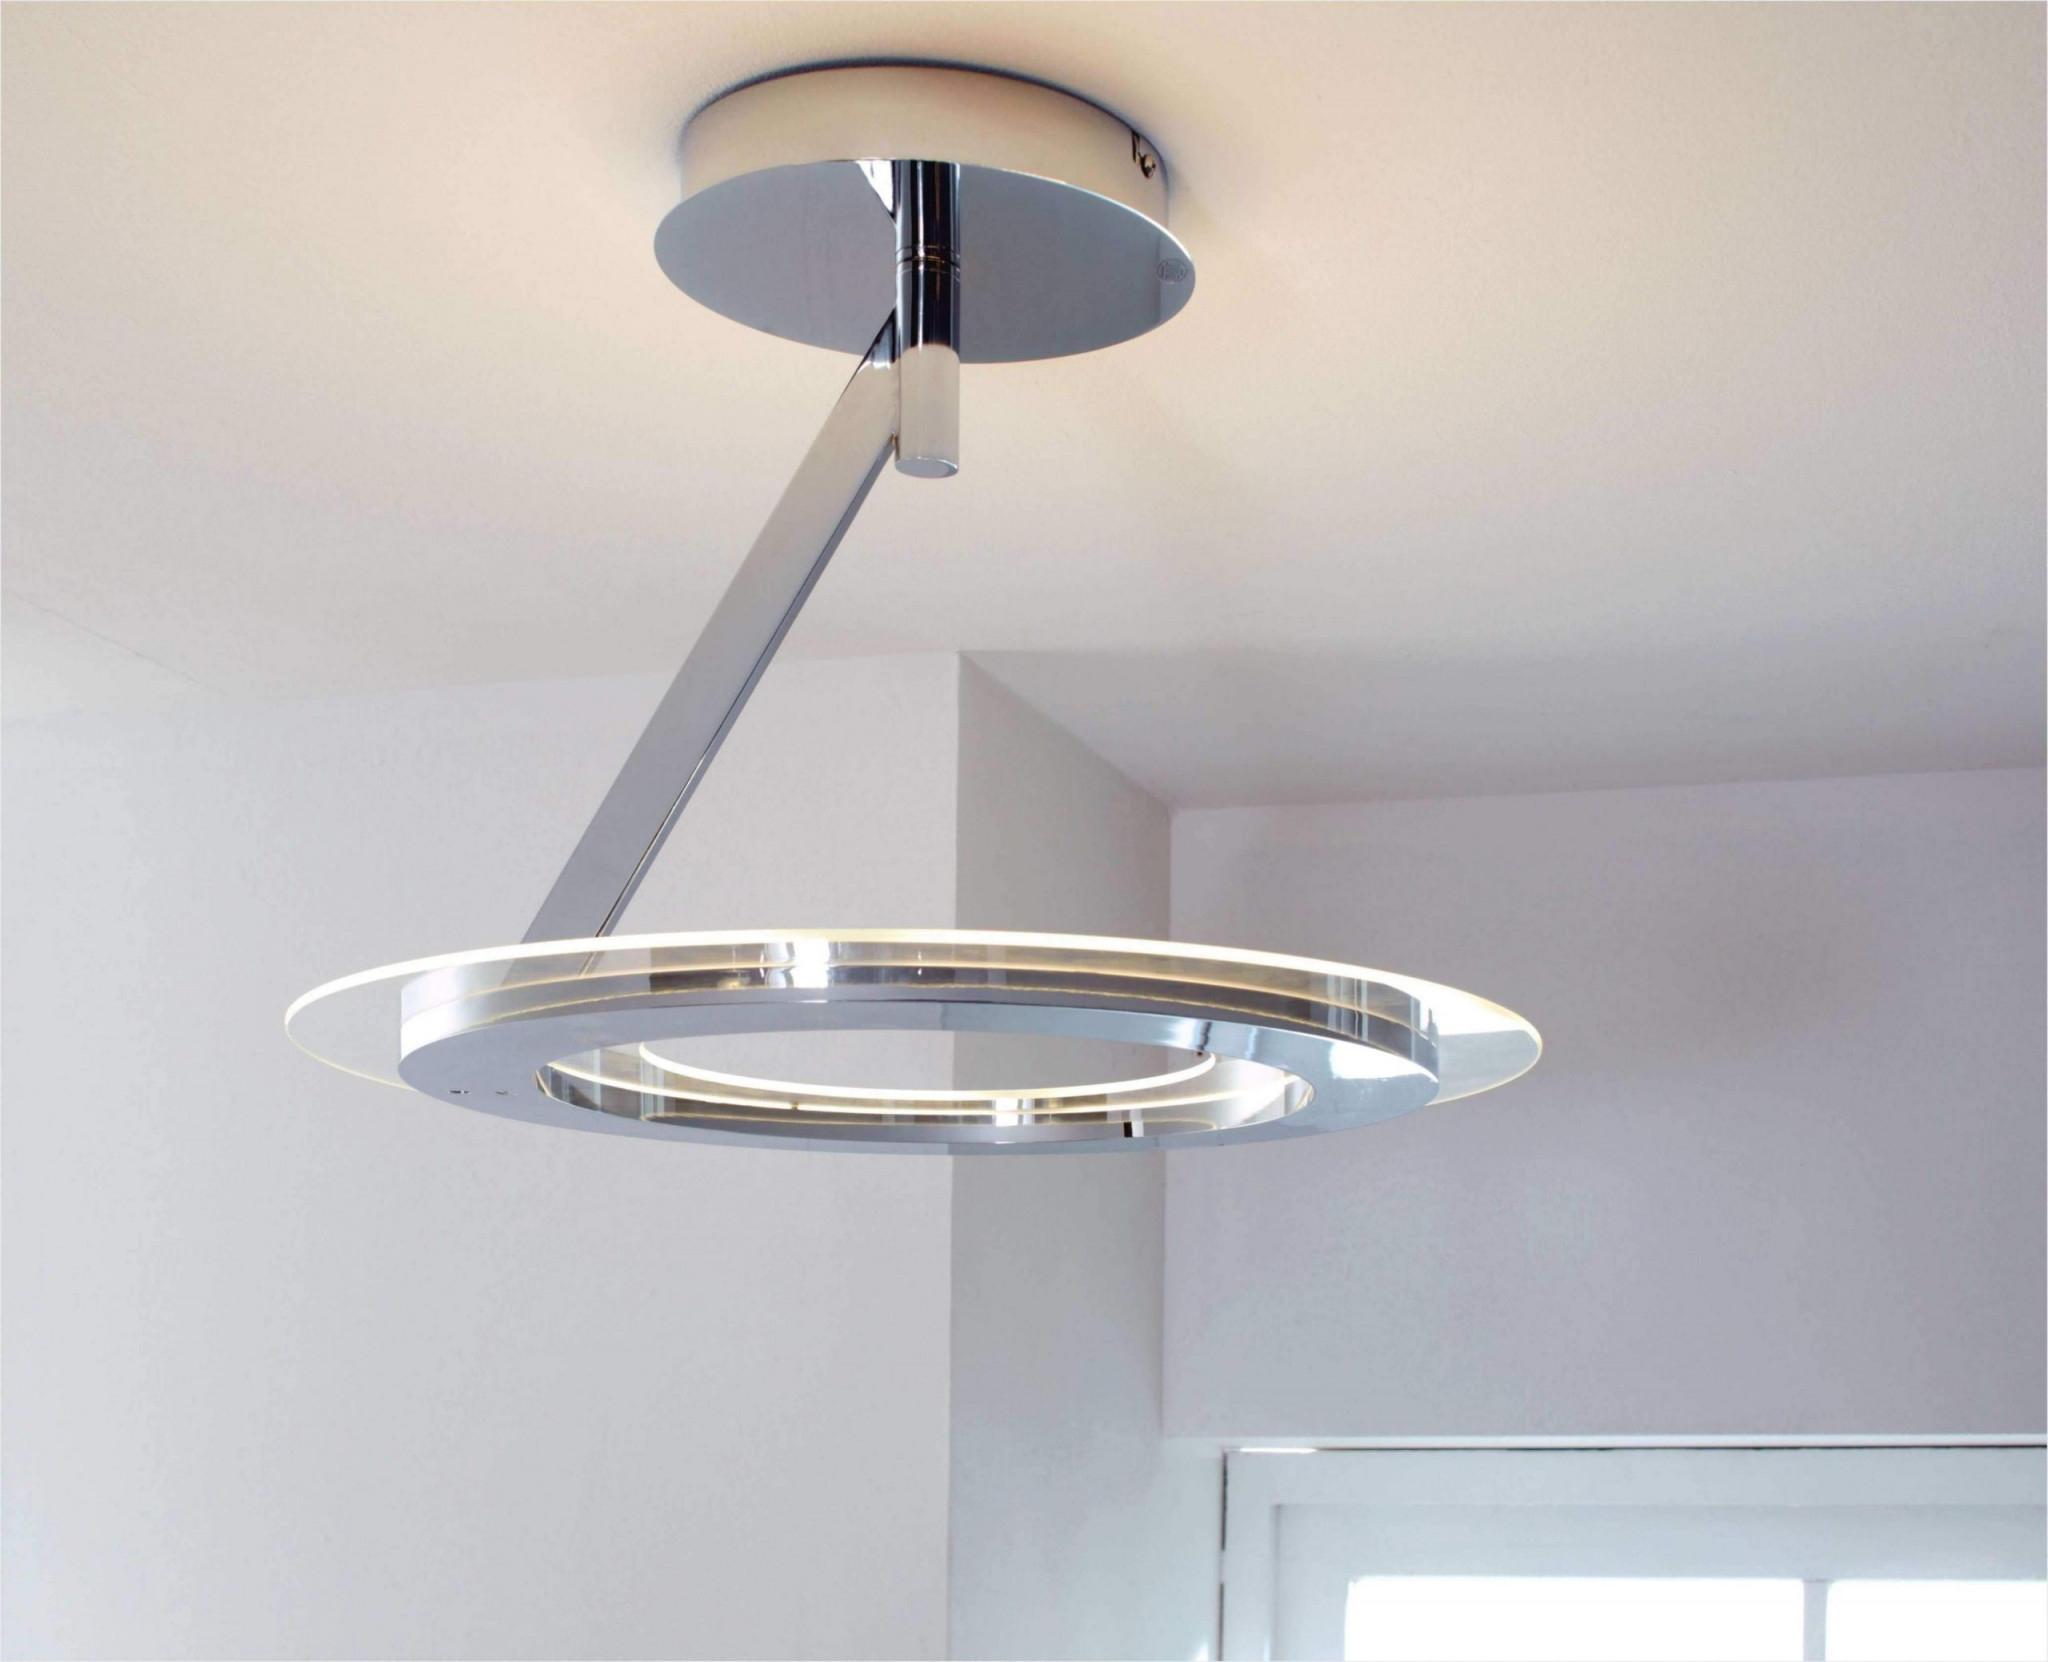 Deckenlampe Wohnzimmer von Deckenleuchte Led Wohnzimmer Photo